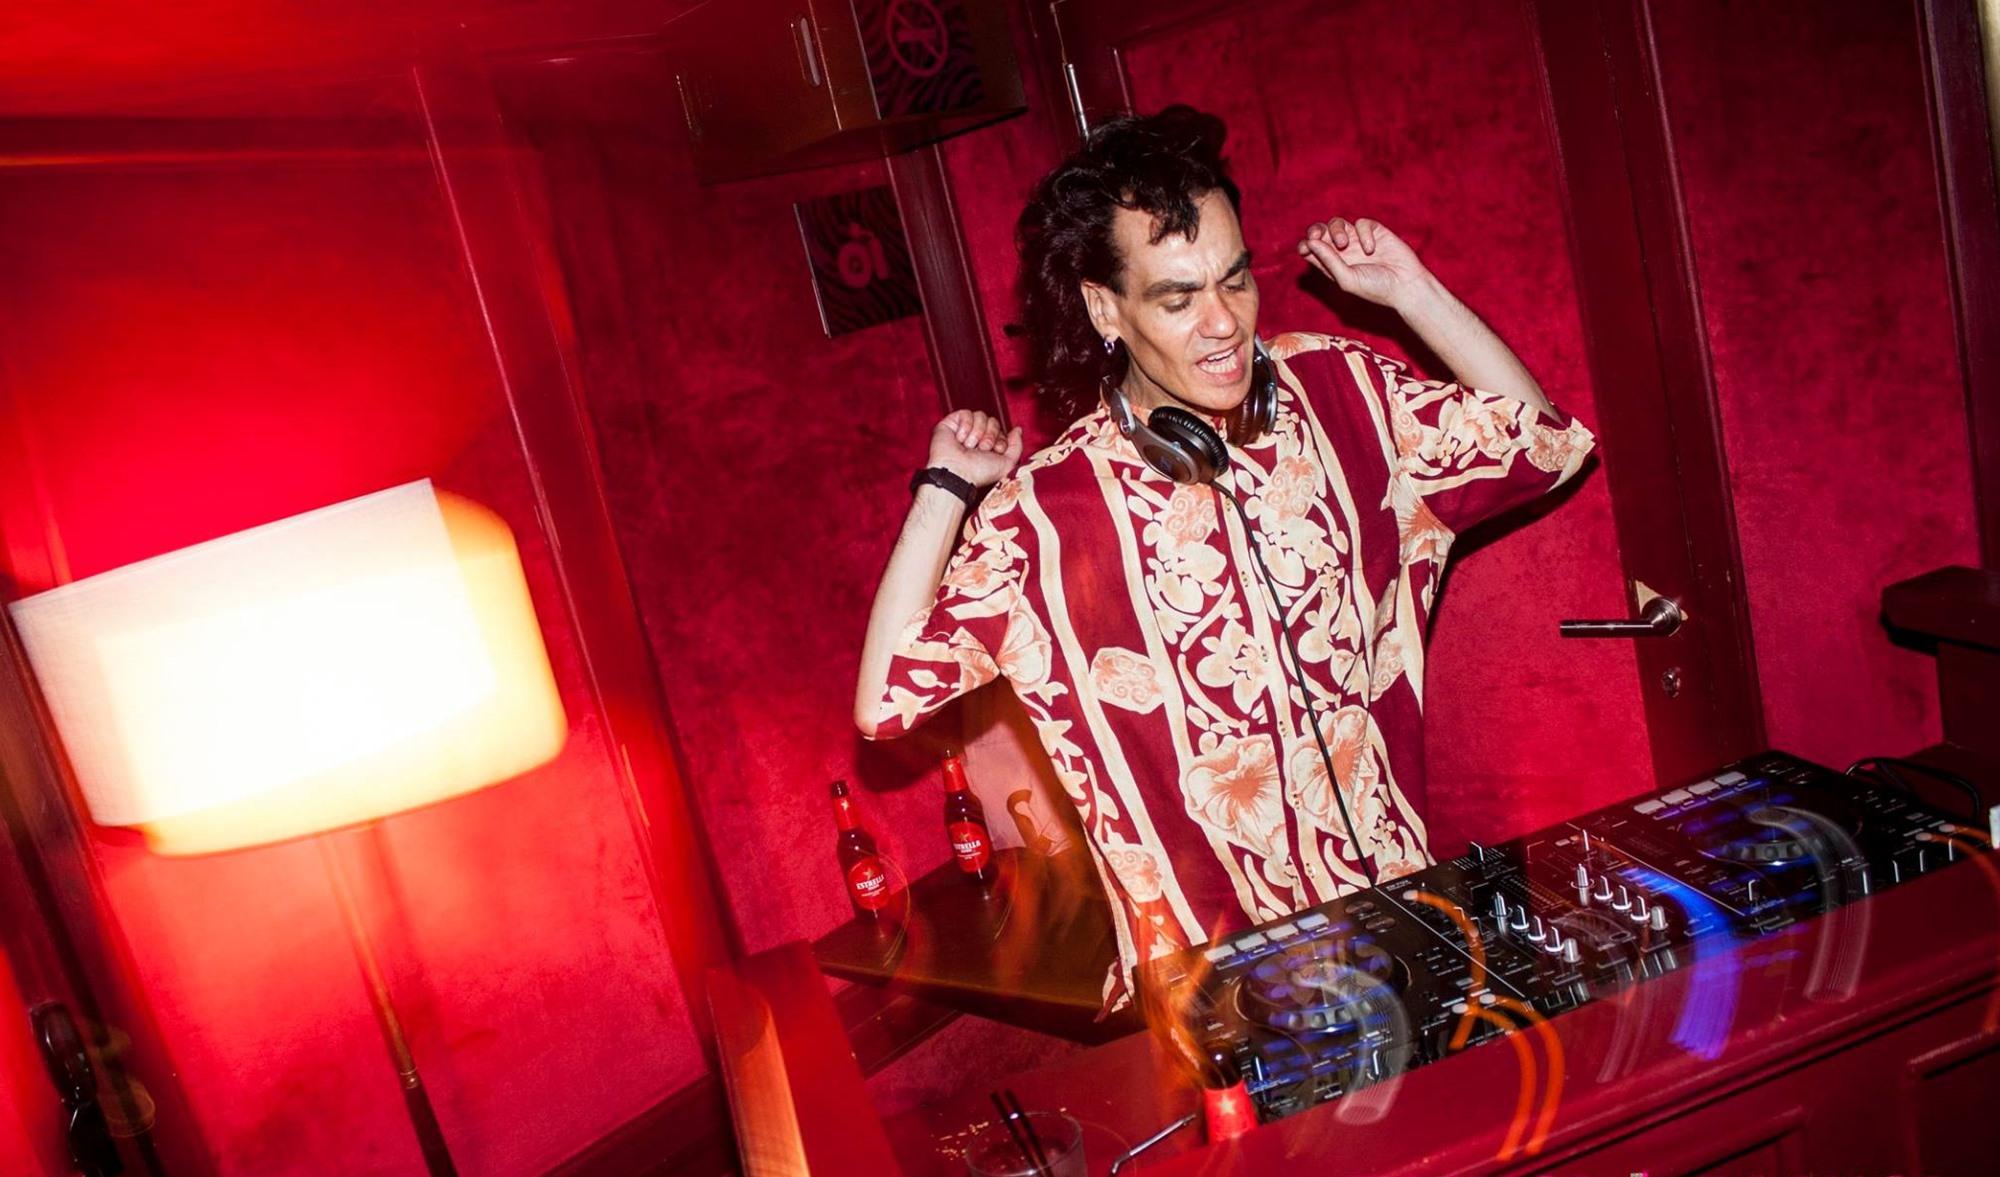 Dj Cascales,habitual en las fiestas de 'Casa Suecia', se ha convertido en un referente de la noche madrileña. Foto: Facebook Bling Bling.